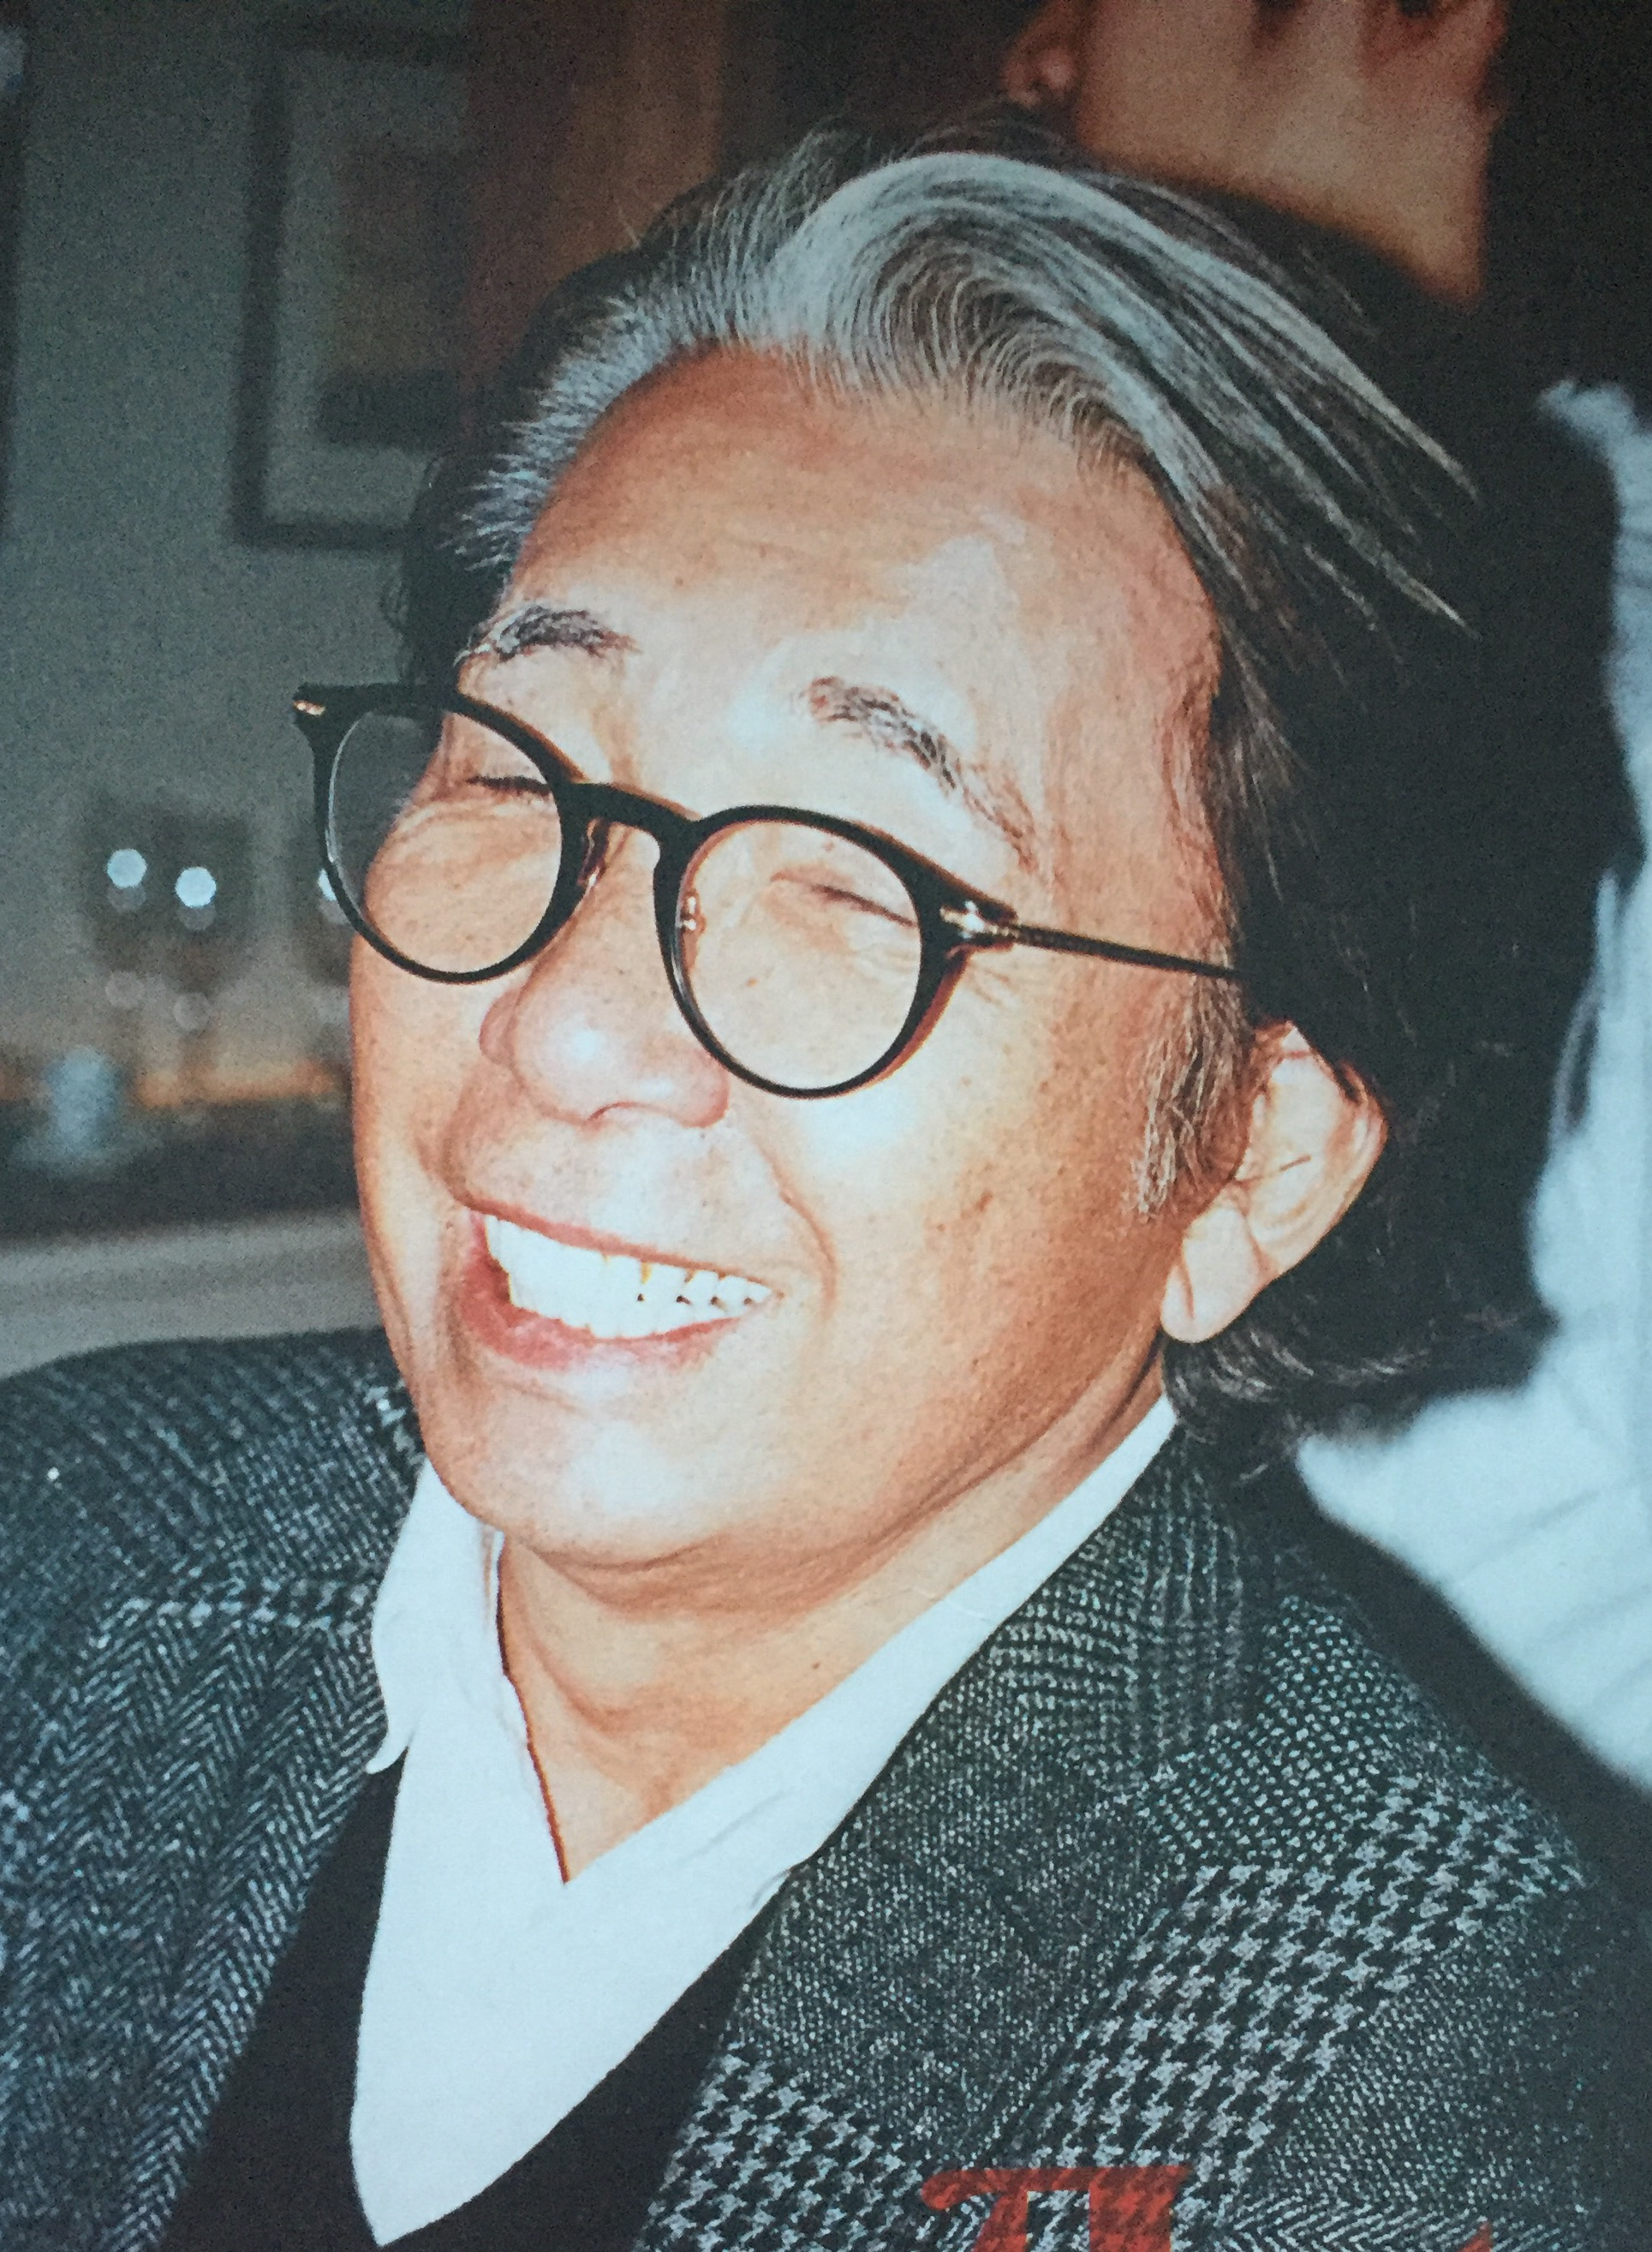 Toyomitsu Nakayama